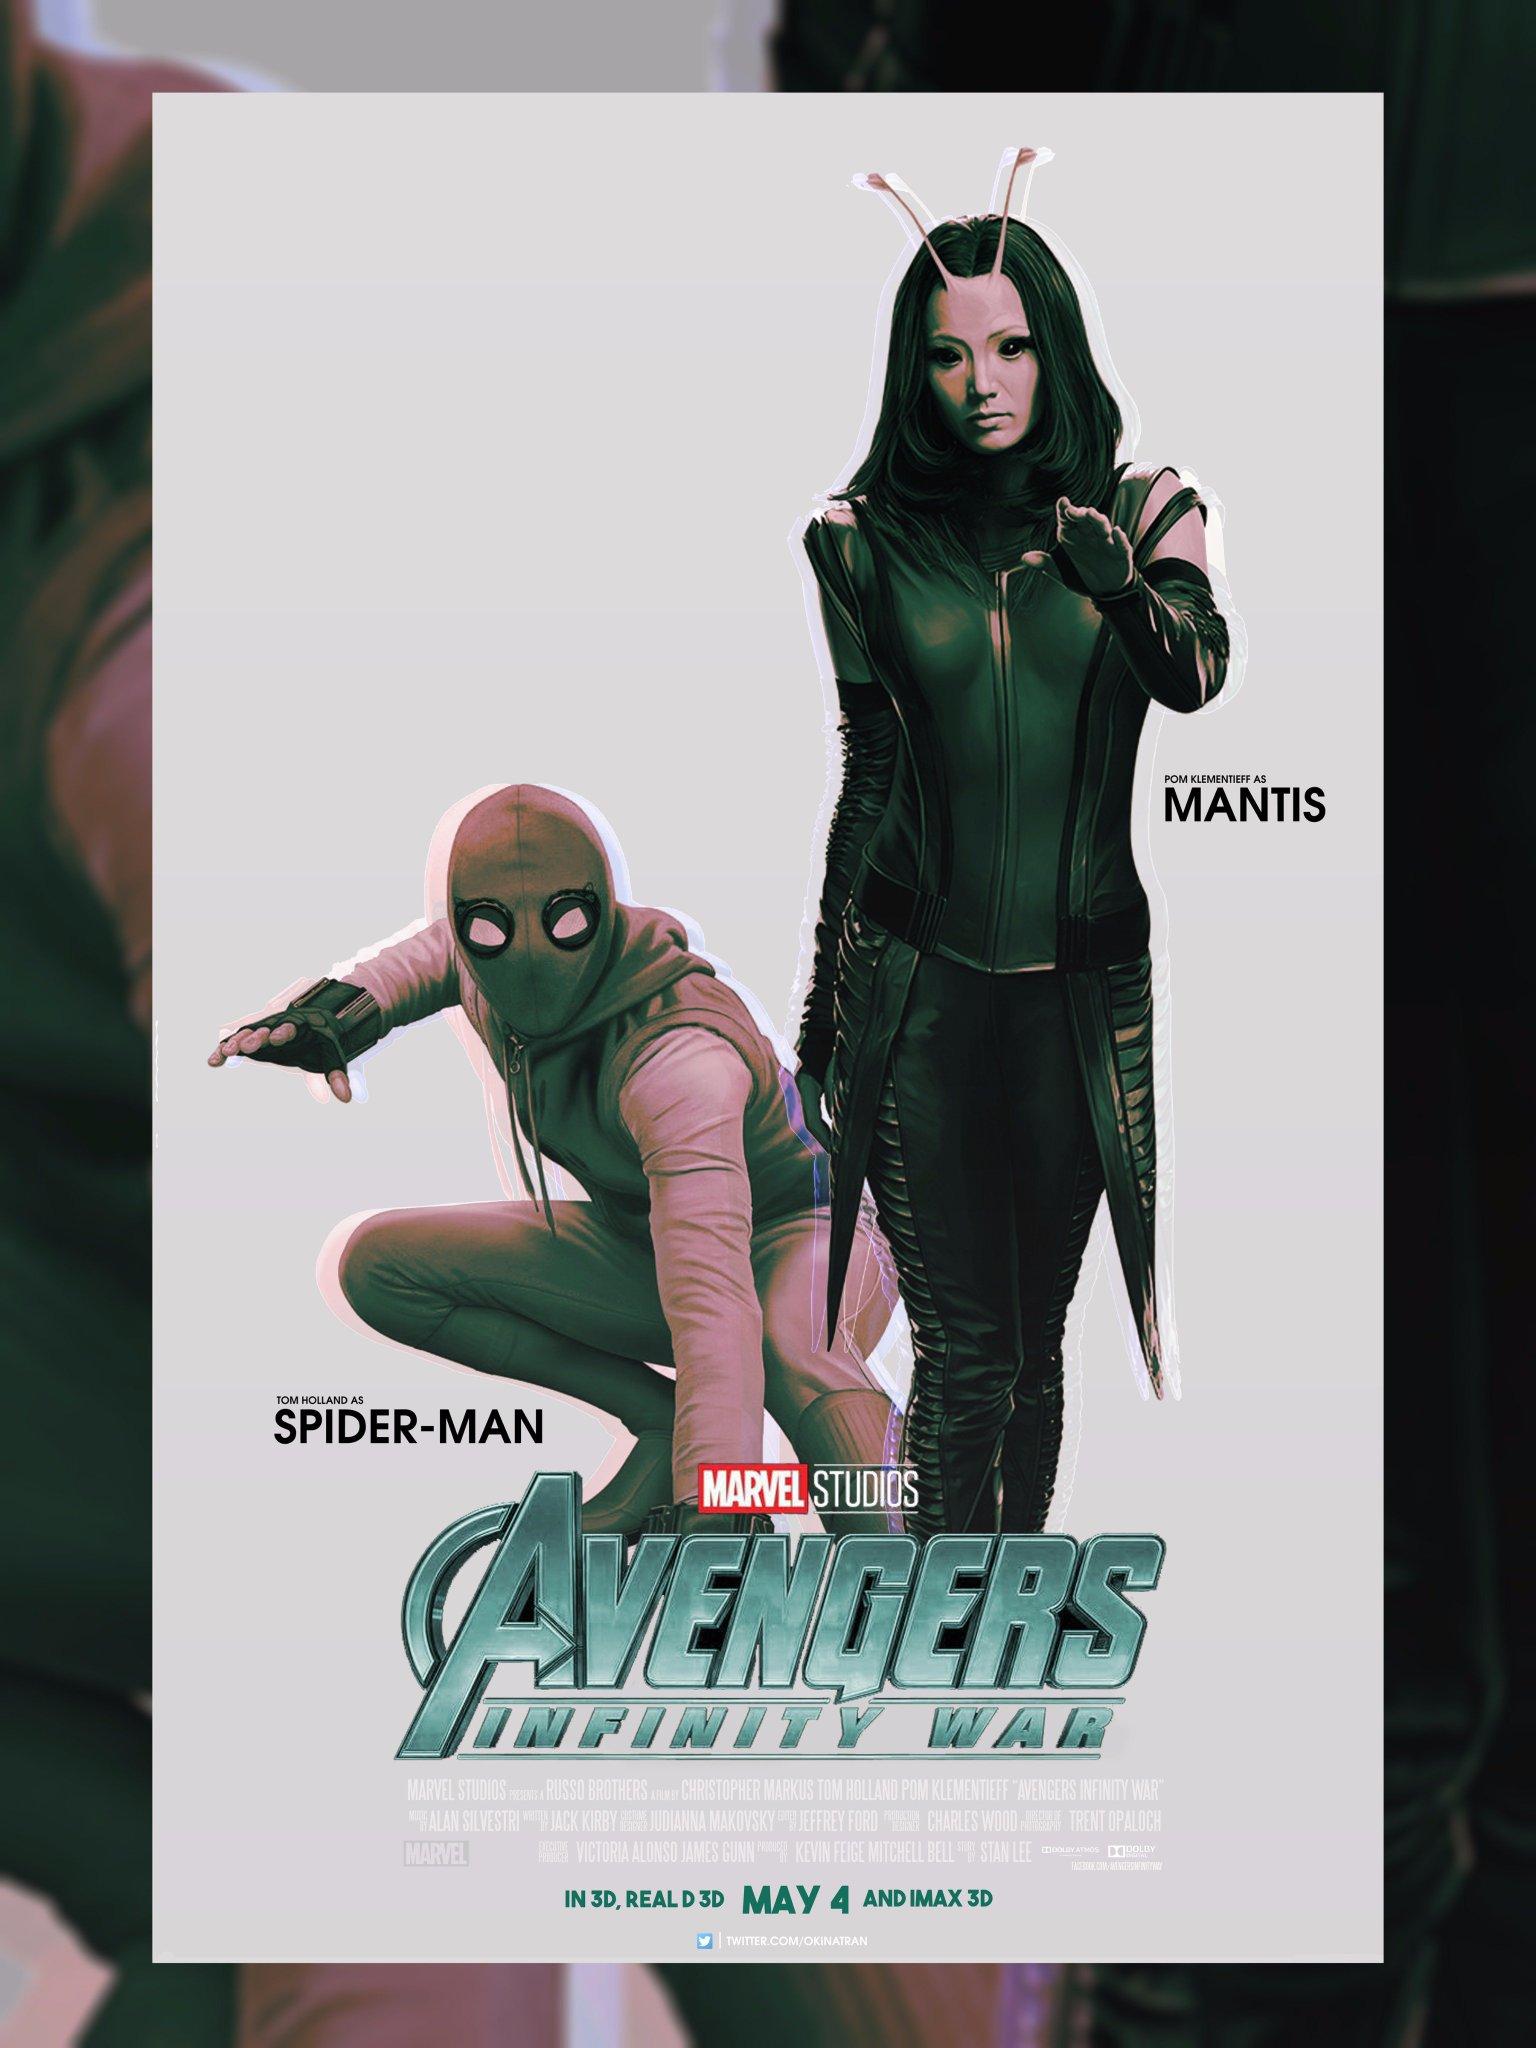 Verlos hacer equipo en #AvengersInfinityWar...  *Cruza los dedos https://t.co/y6NFo1Bwzh